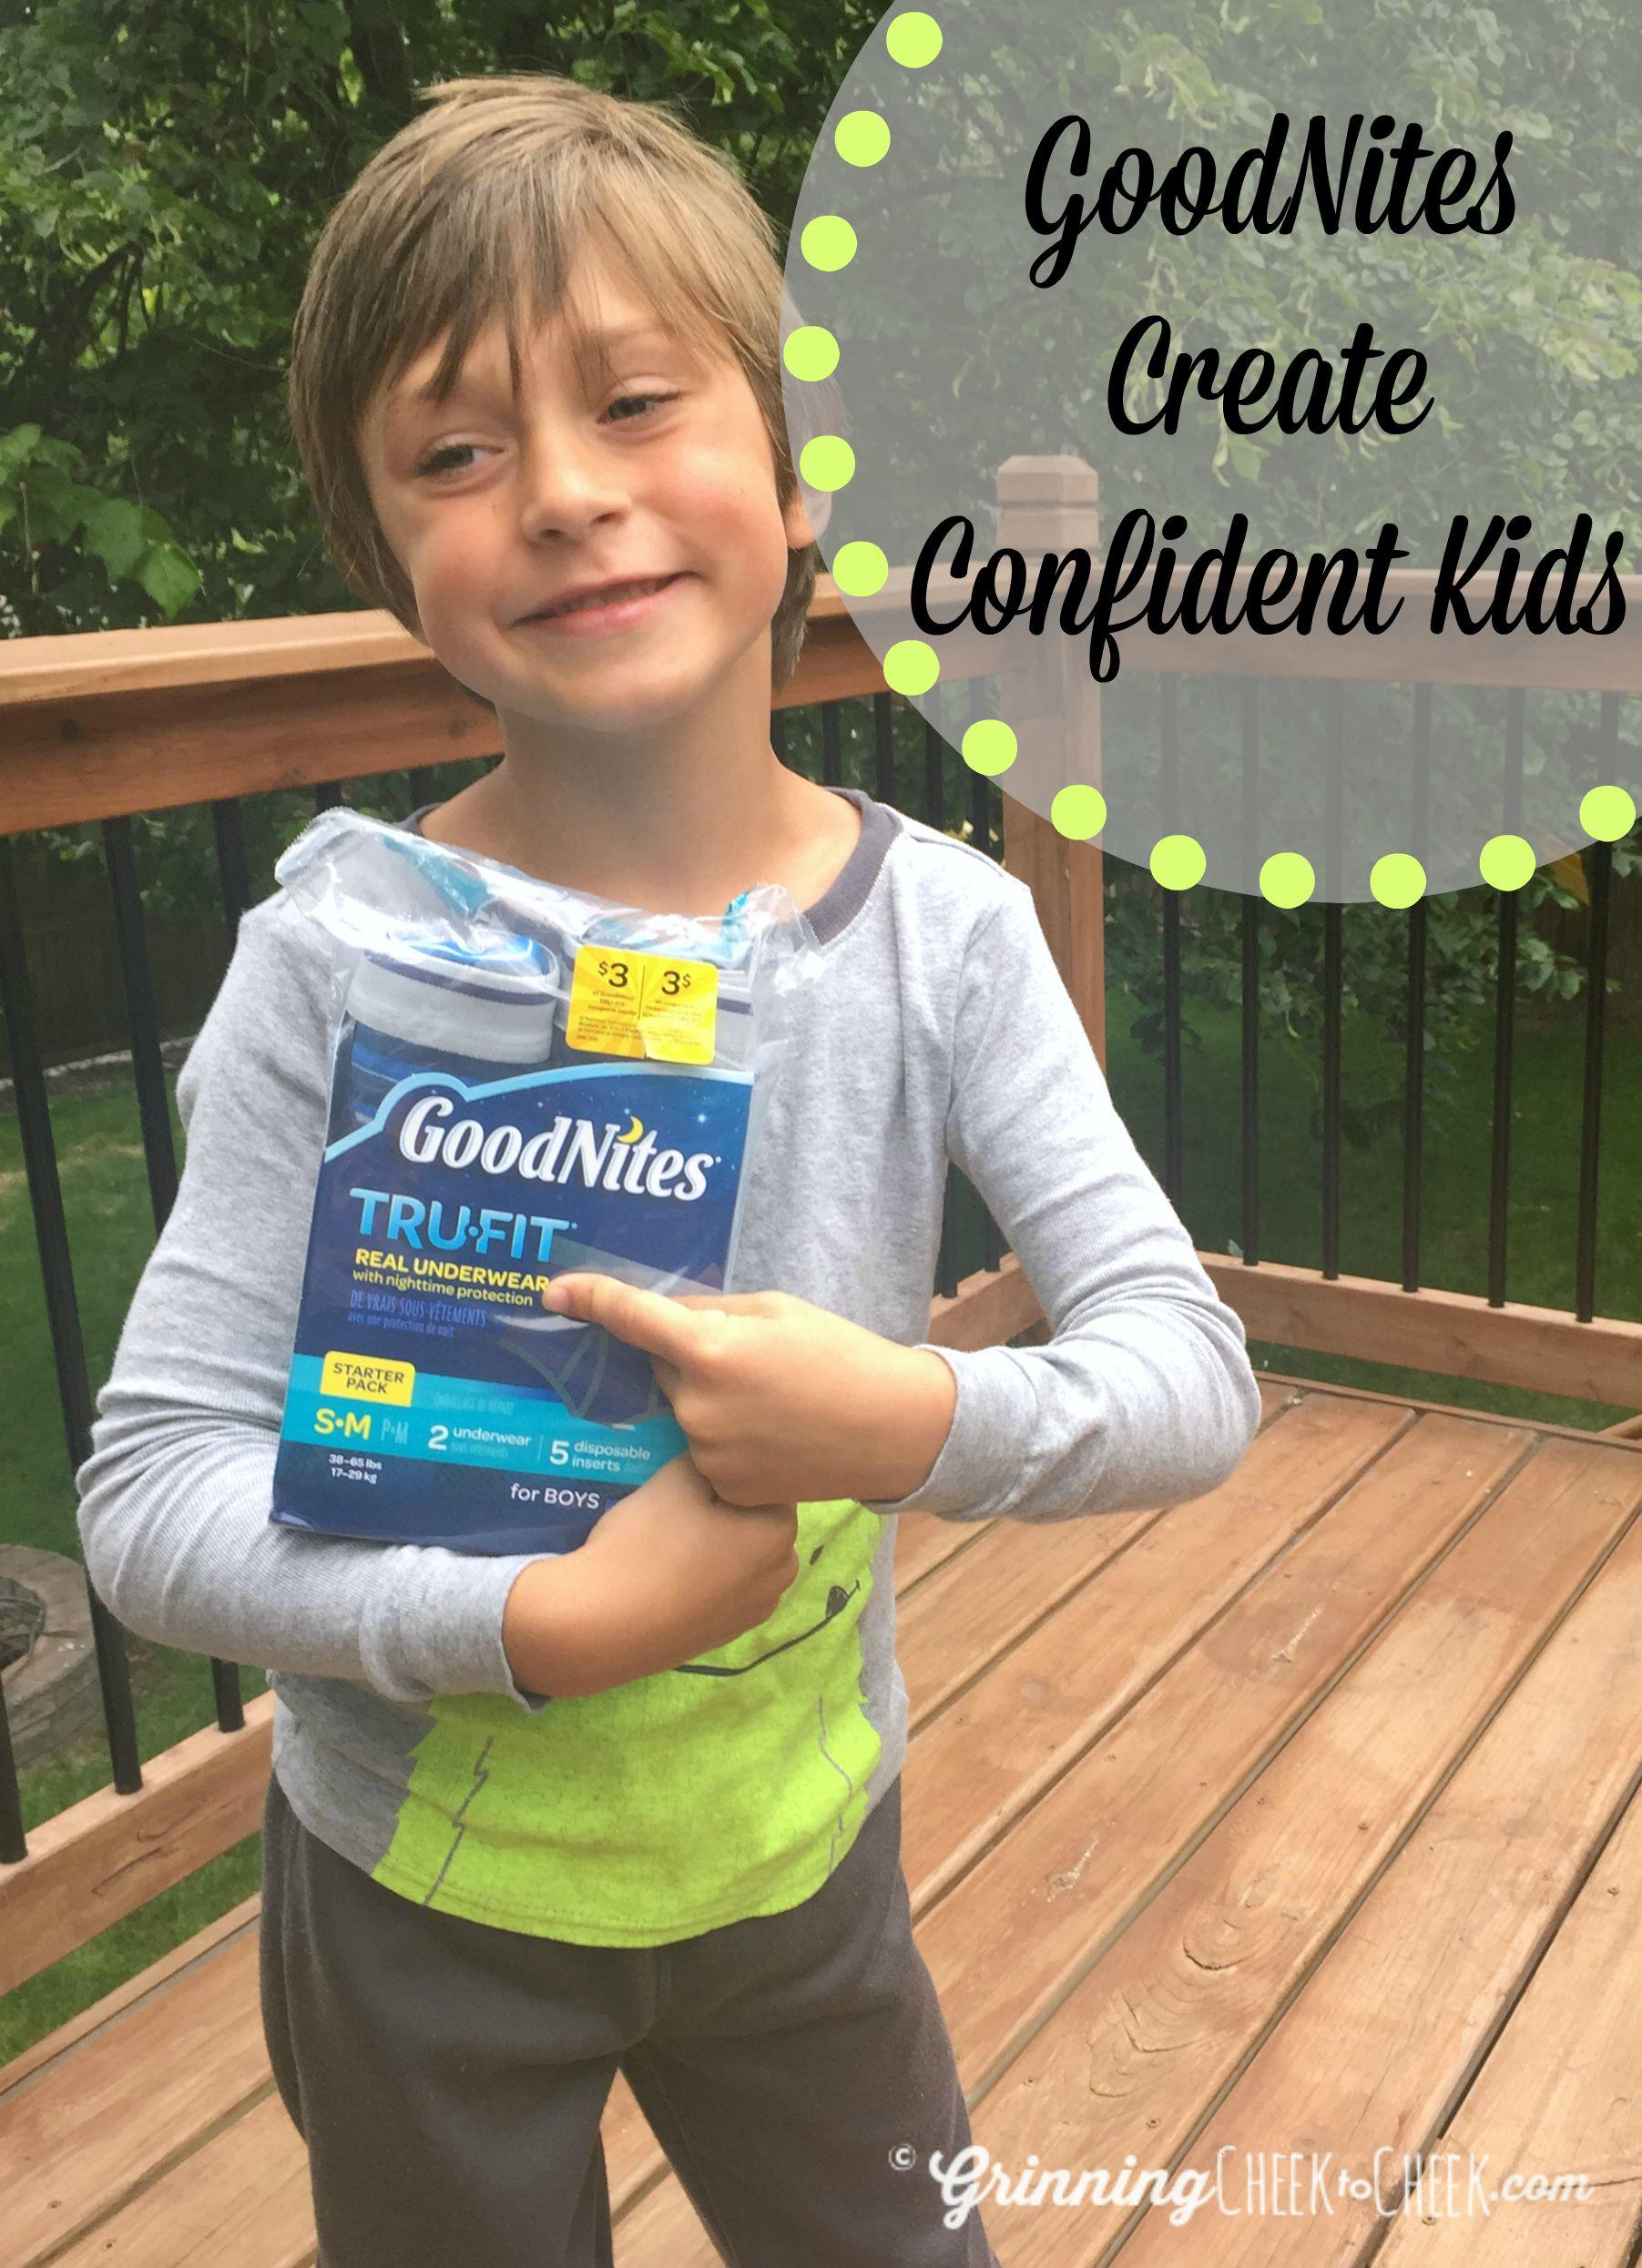 Goodnites Create Confident Kids Confidentkids Ad Cbias - Grinning Cheek To Cheek-7564